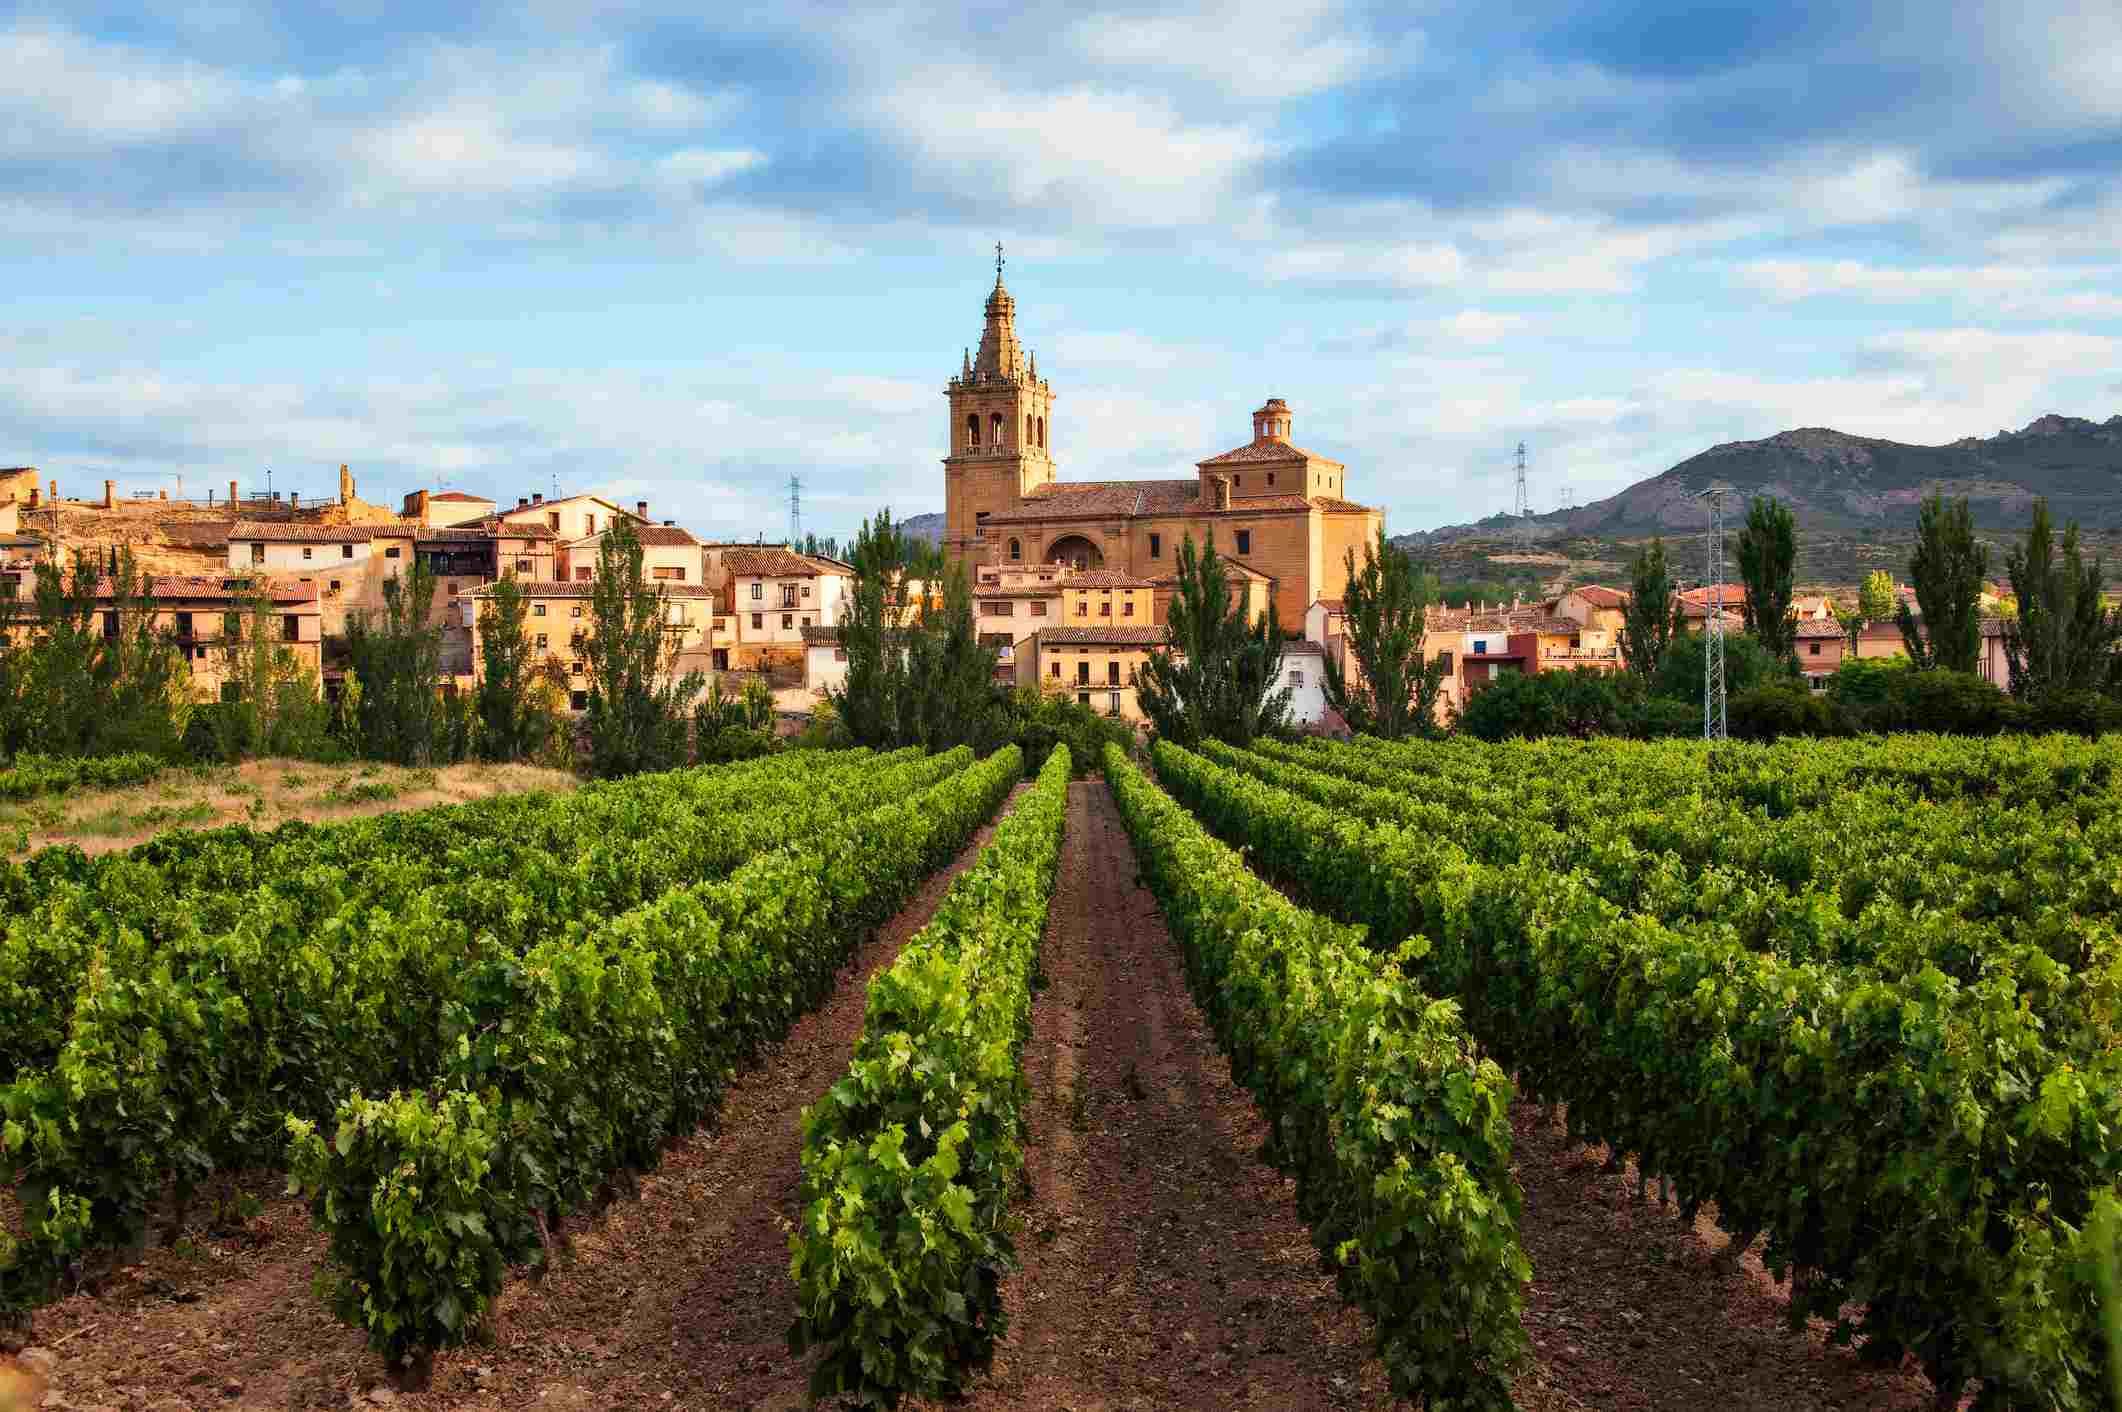 Briñas, La Rioja, Spain